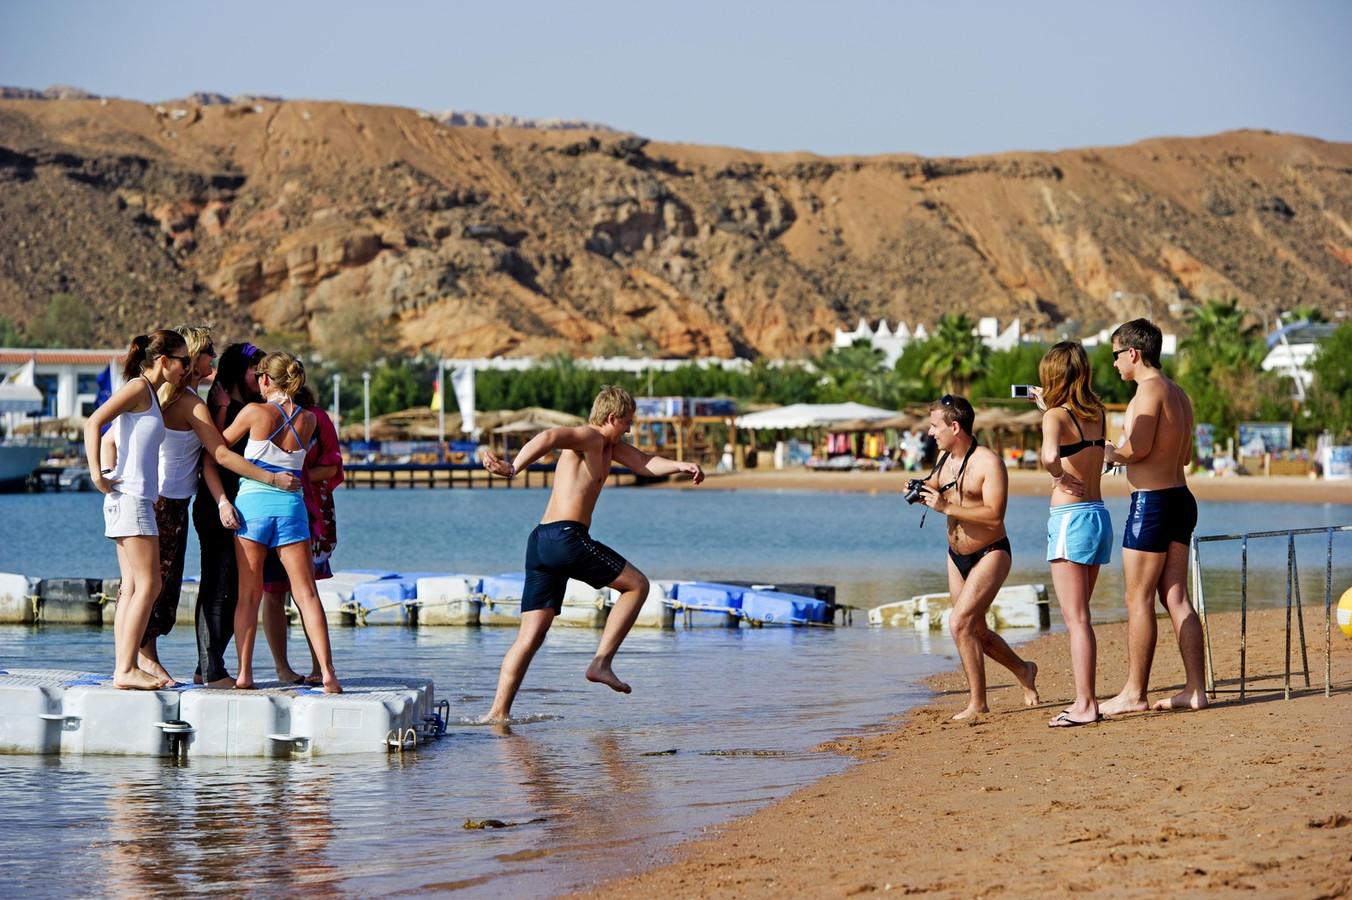 Griekenland krijgt minder toeristen dankzij de vluchtelingenproblematiek, Turkije vanwege de angst voor aanslagen.